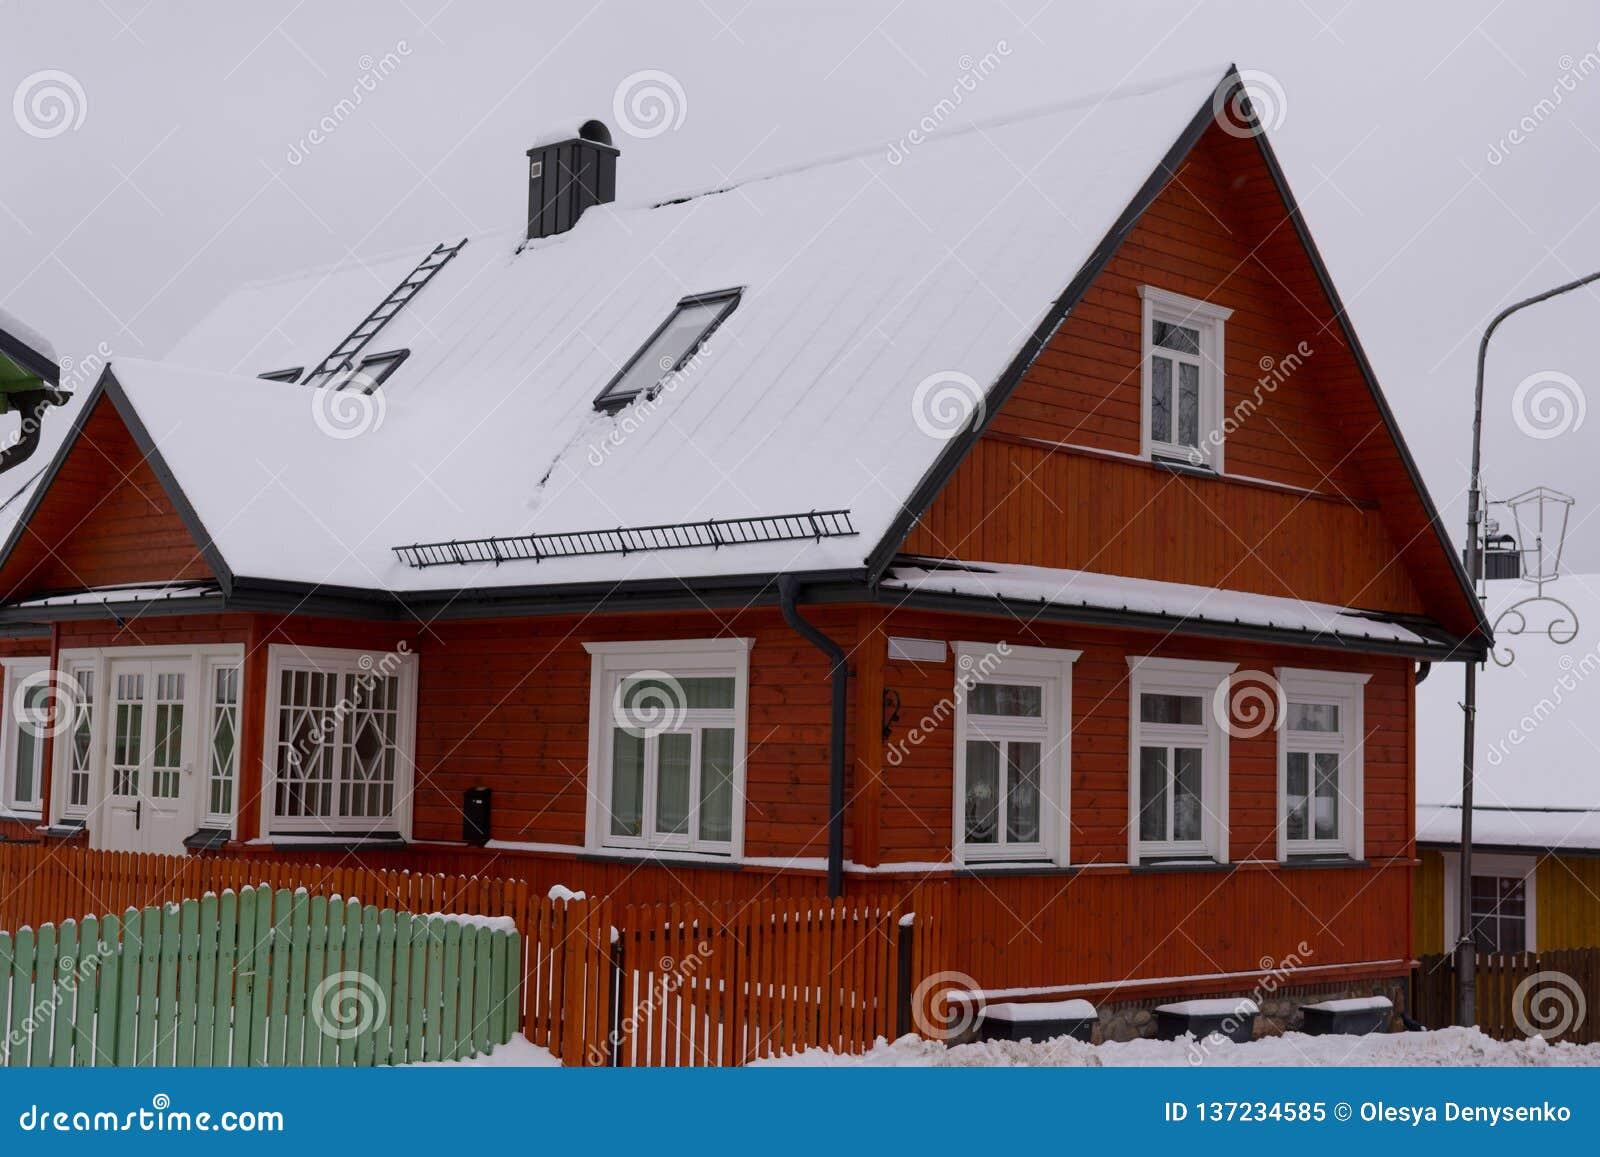 Belle Maison Rouge A L Arriere Plan D Hiver Image Stock Image Du Rouge Belle 137234585